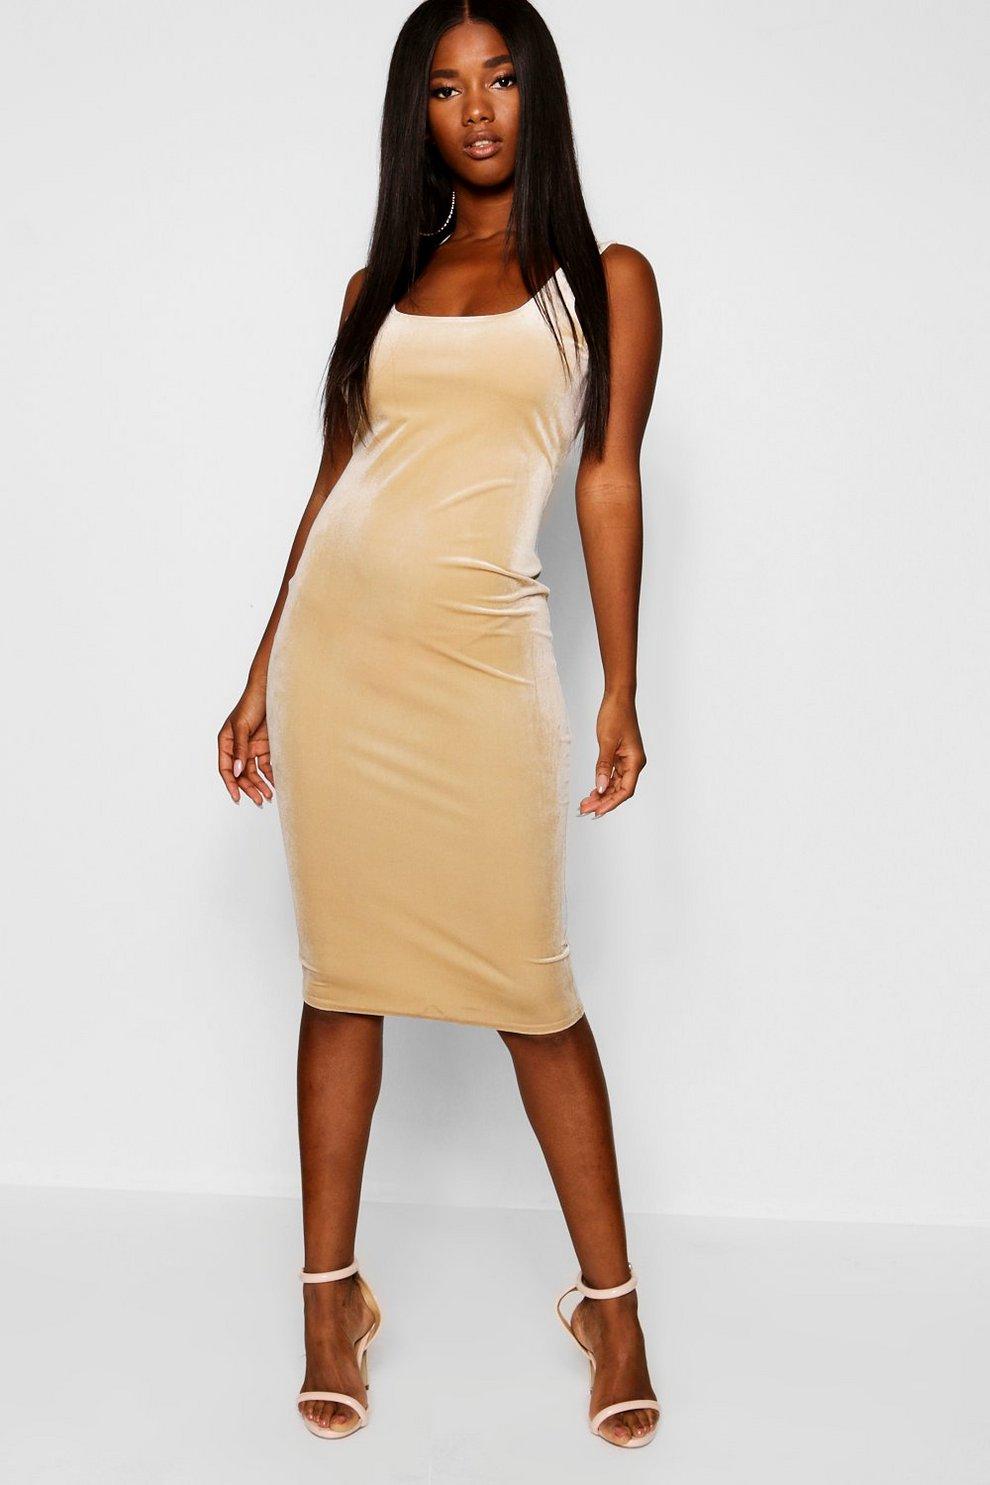 44d1605c30c Velvet Scoop Neck Bodycon Midi Dress